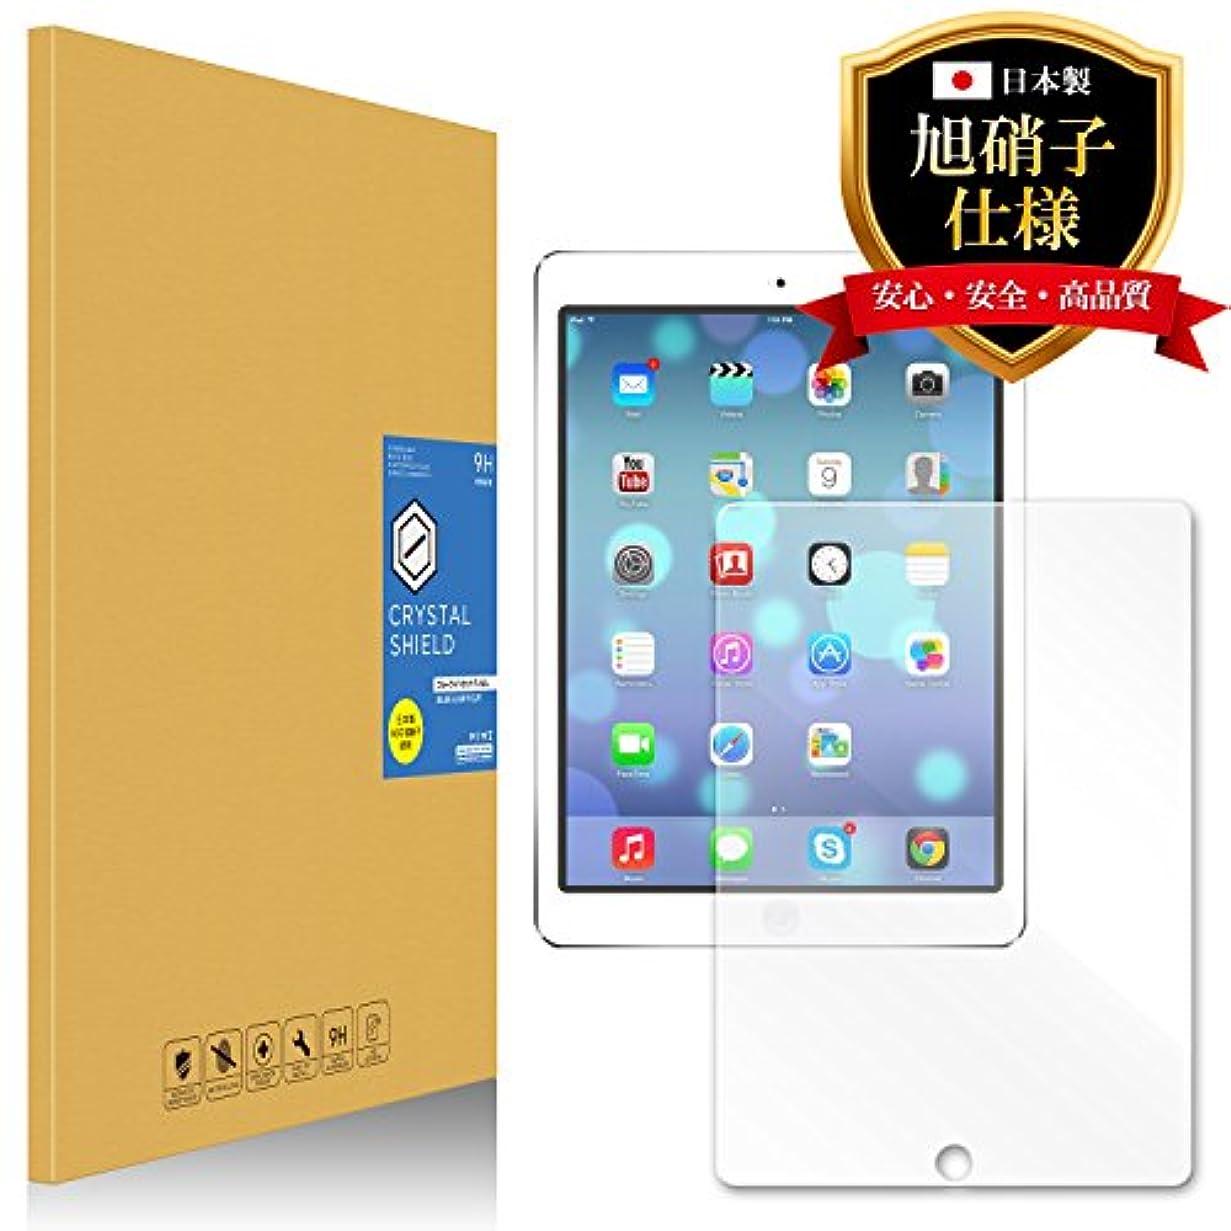 トライアスリート中級増幅する[CRYSTAL SHIELD] 【安心の 日本製 旭硝子】 ブルーライトカット 90% iPad Air2 / iPad Air / iPad 5 / iPad 6 専用 9.7インチ 極薄 0.33mm 日本製 強化ガラスフィルム 硬度 9H ラウンドエッジ 気泡防止 指紋防止 アイパッドエアー2 iPadAir2 保護フィルム 保護シート タブレット 人気 16AC12-14-CLRzb v088